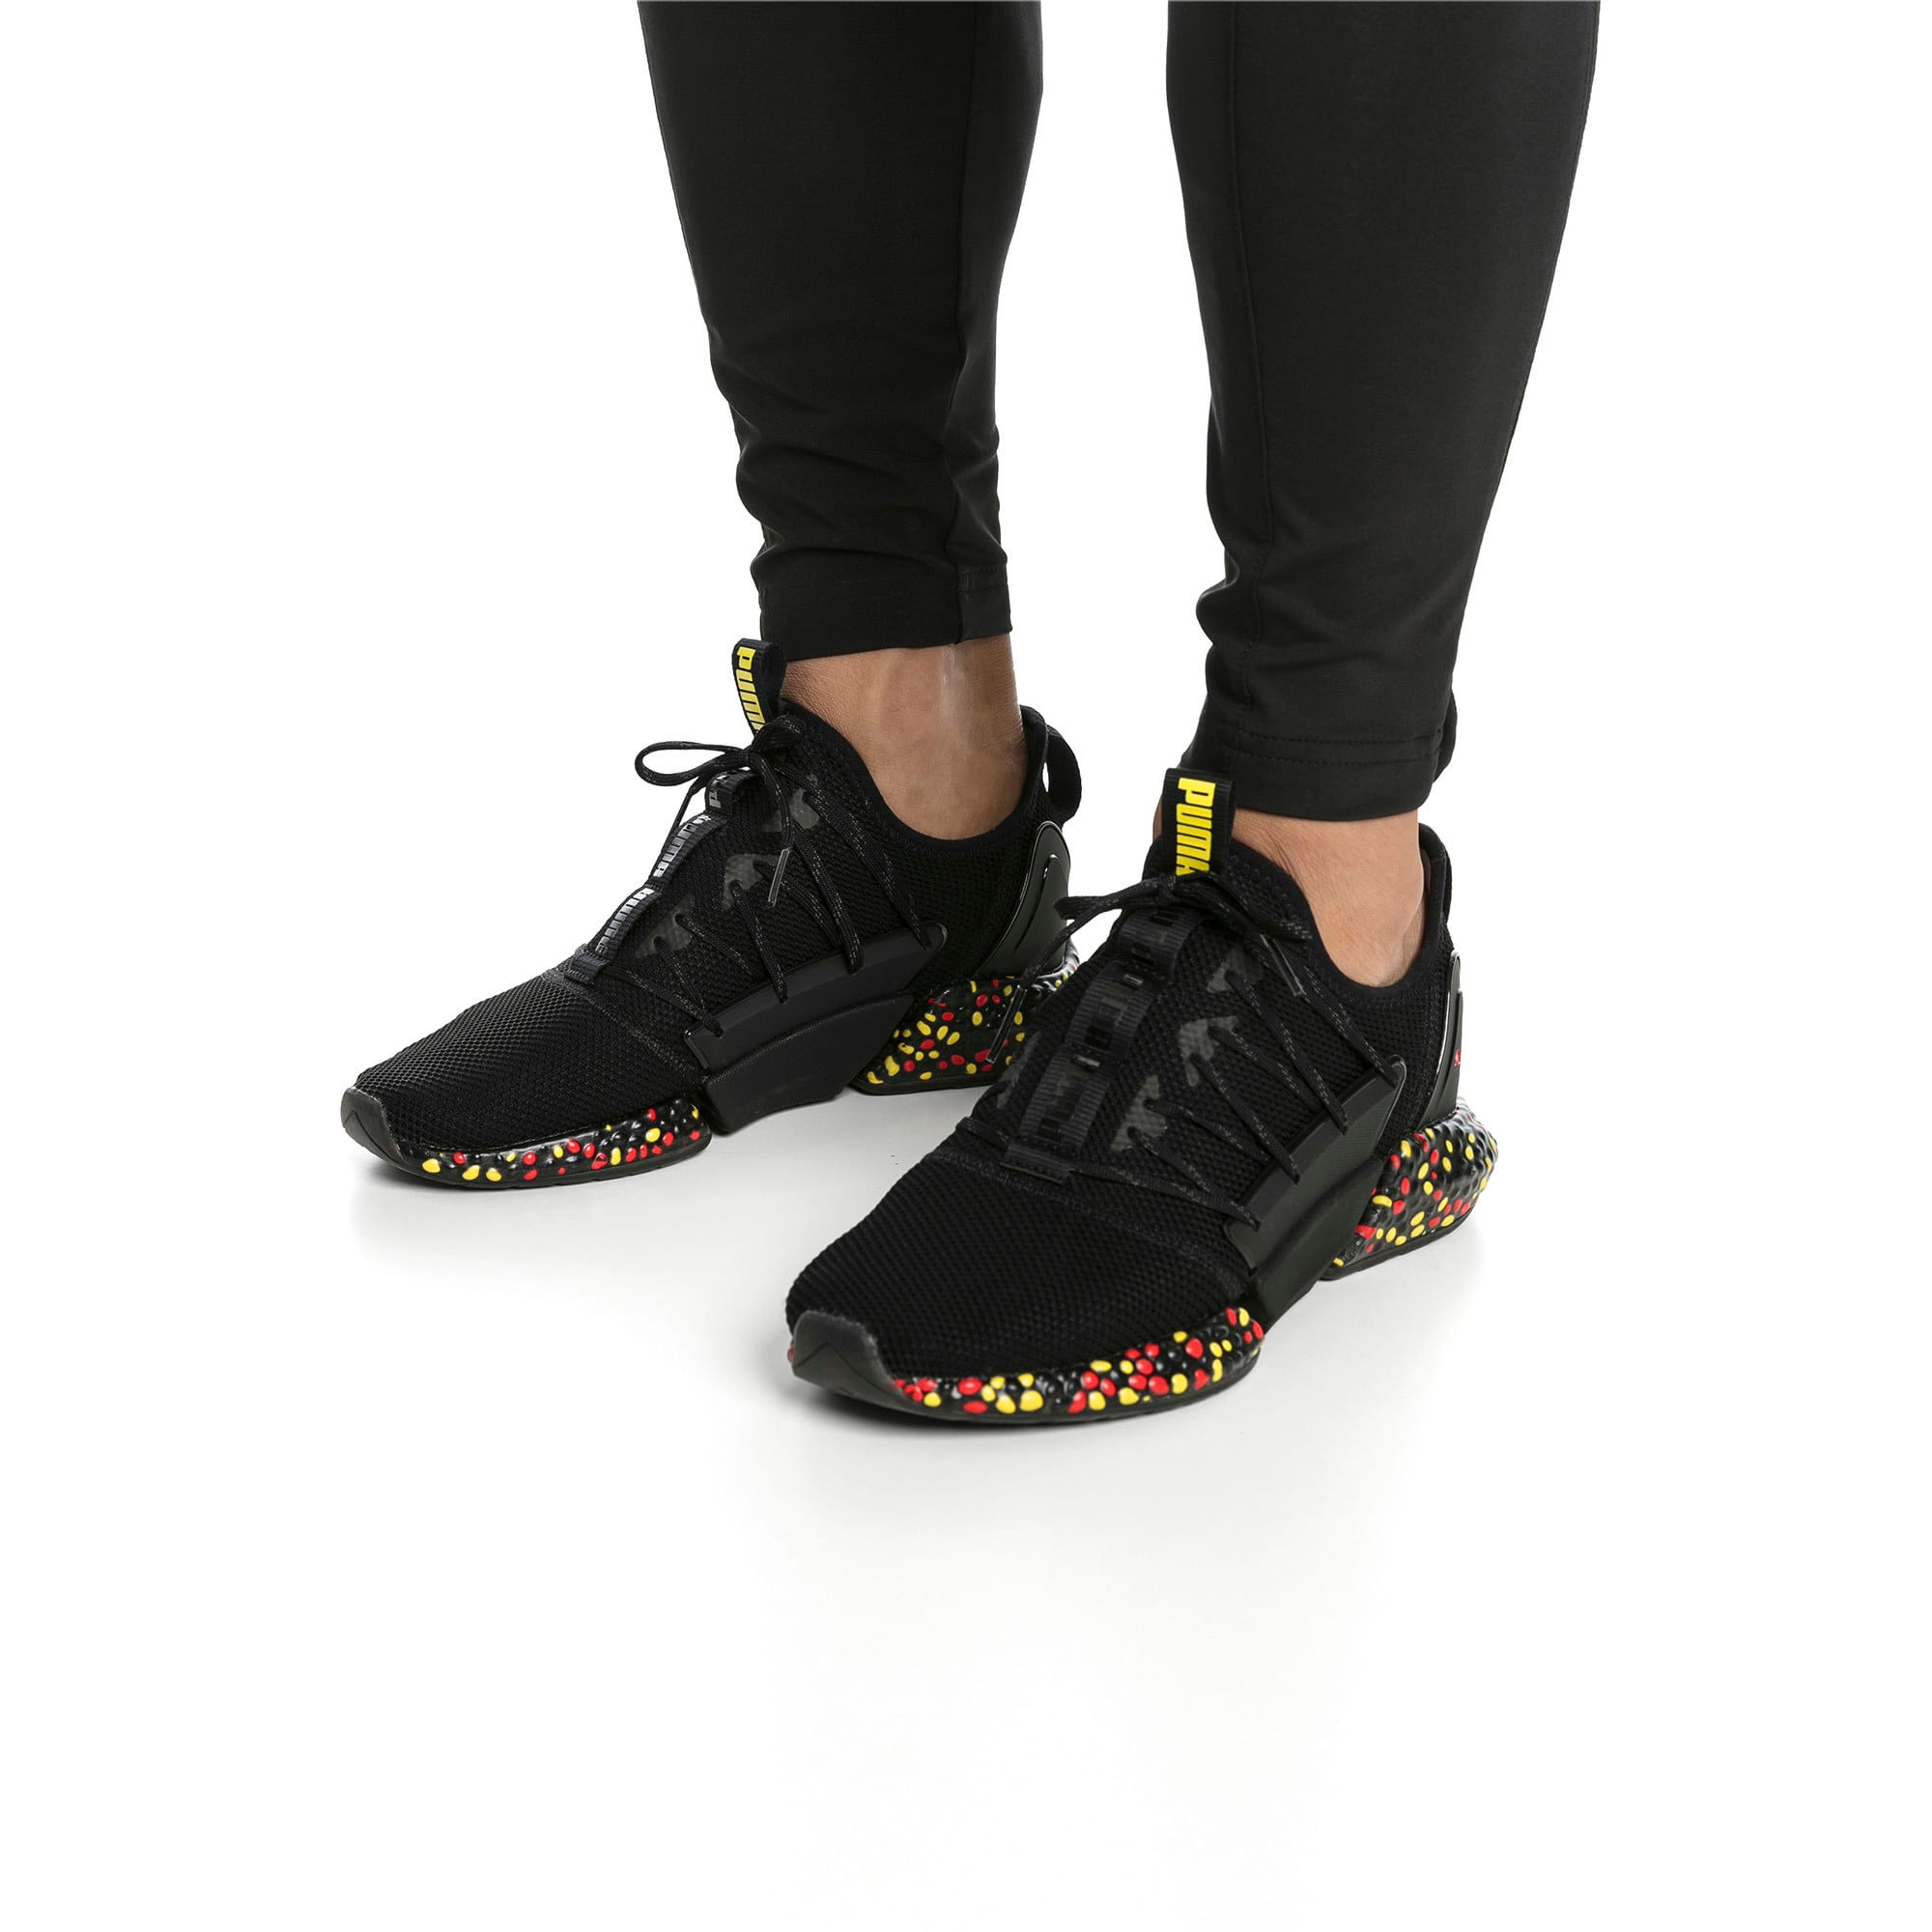 Imagen en miniatura 2 de Zapatillas de running de hombre Hybrid Rocket Runner, Black-Blazing Yellow-Red, mediana